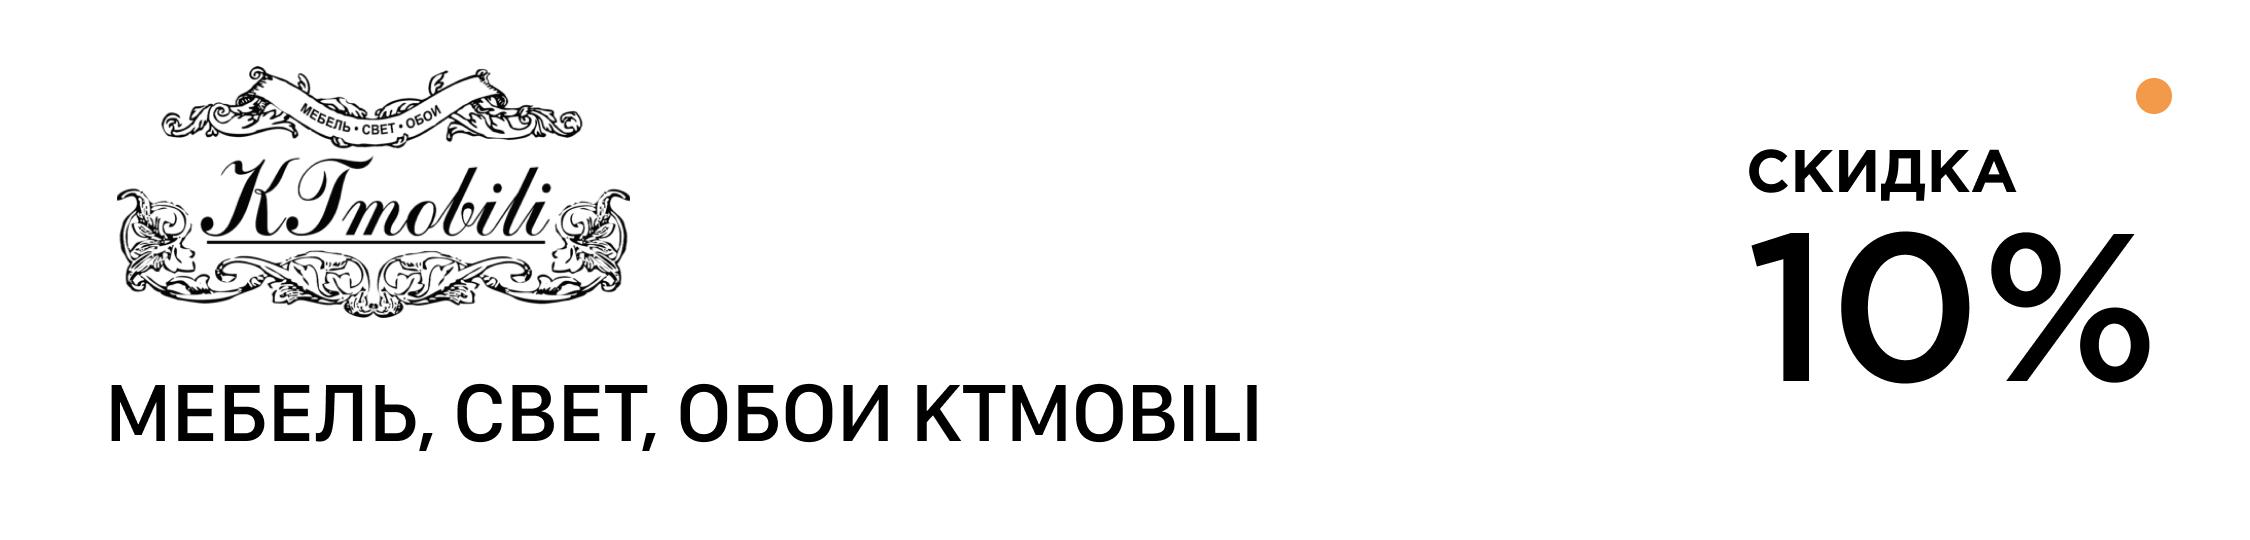 KTmobili